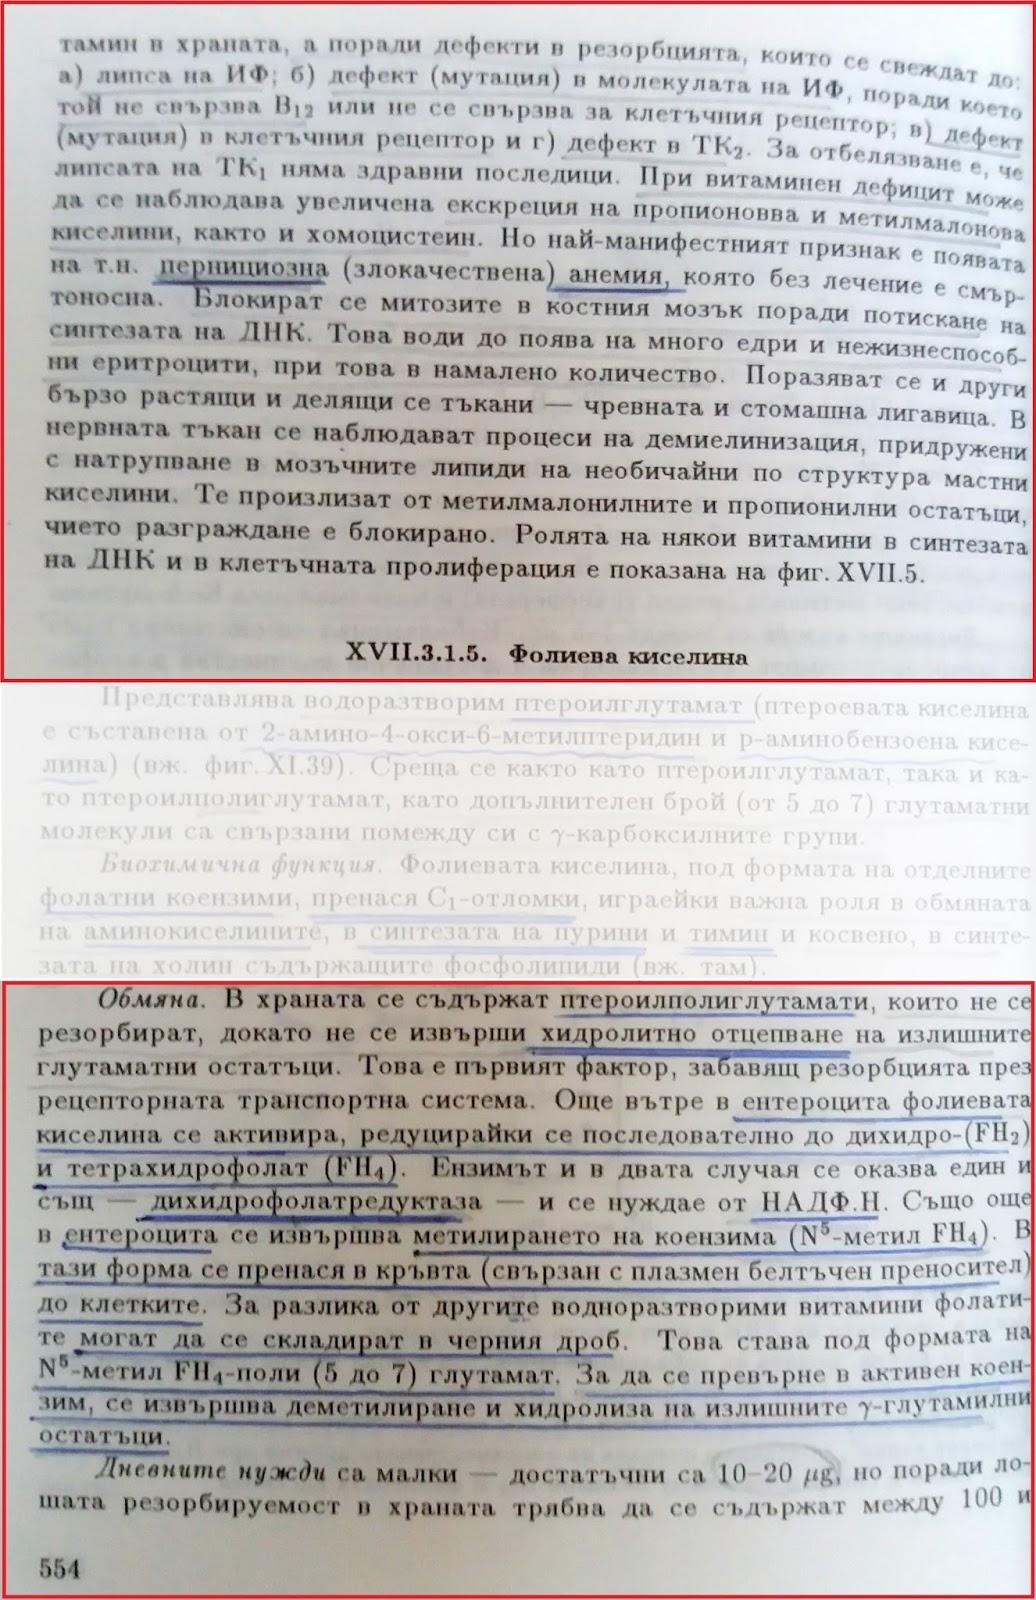 Учебник по биохимия стр.554